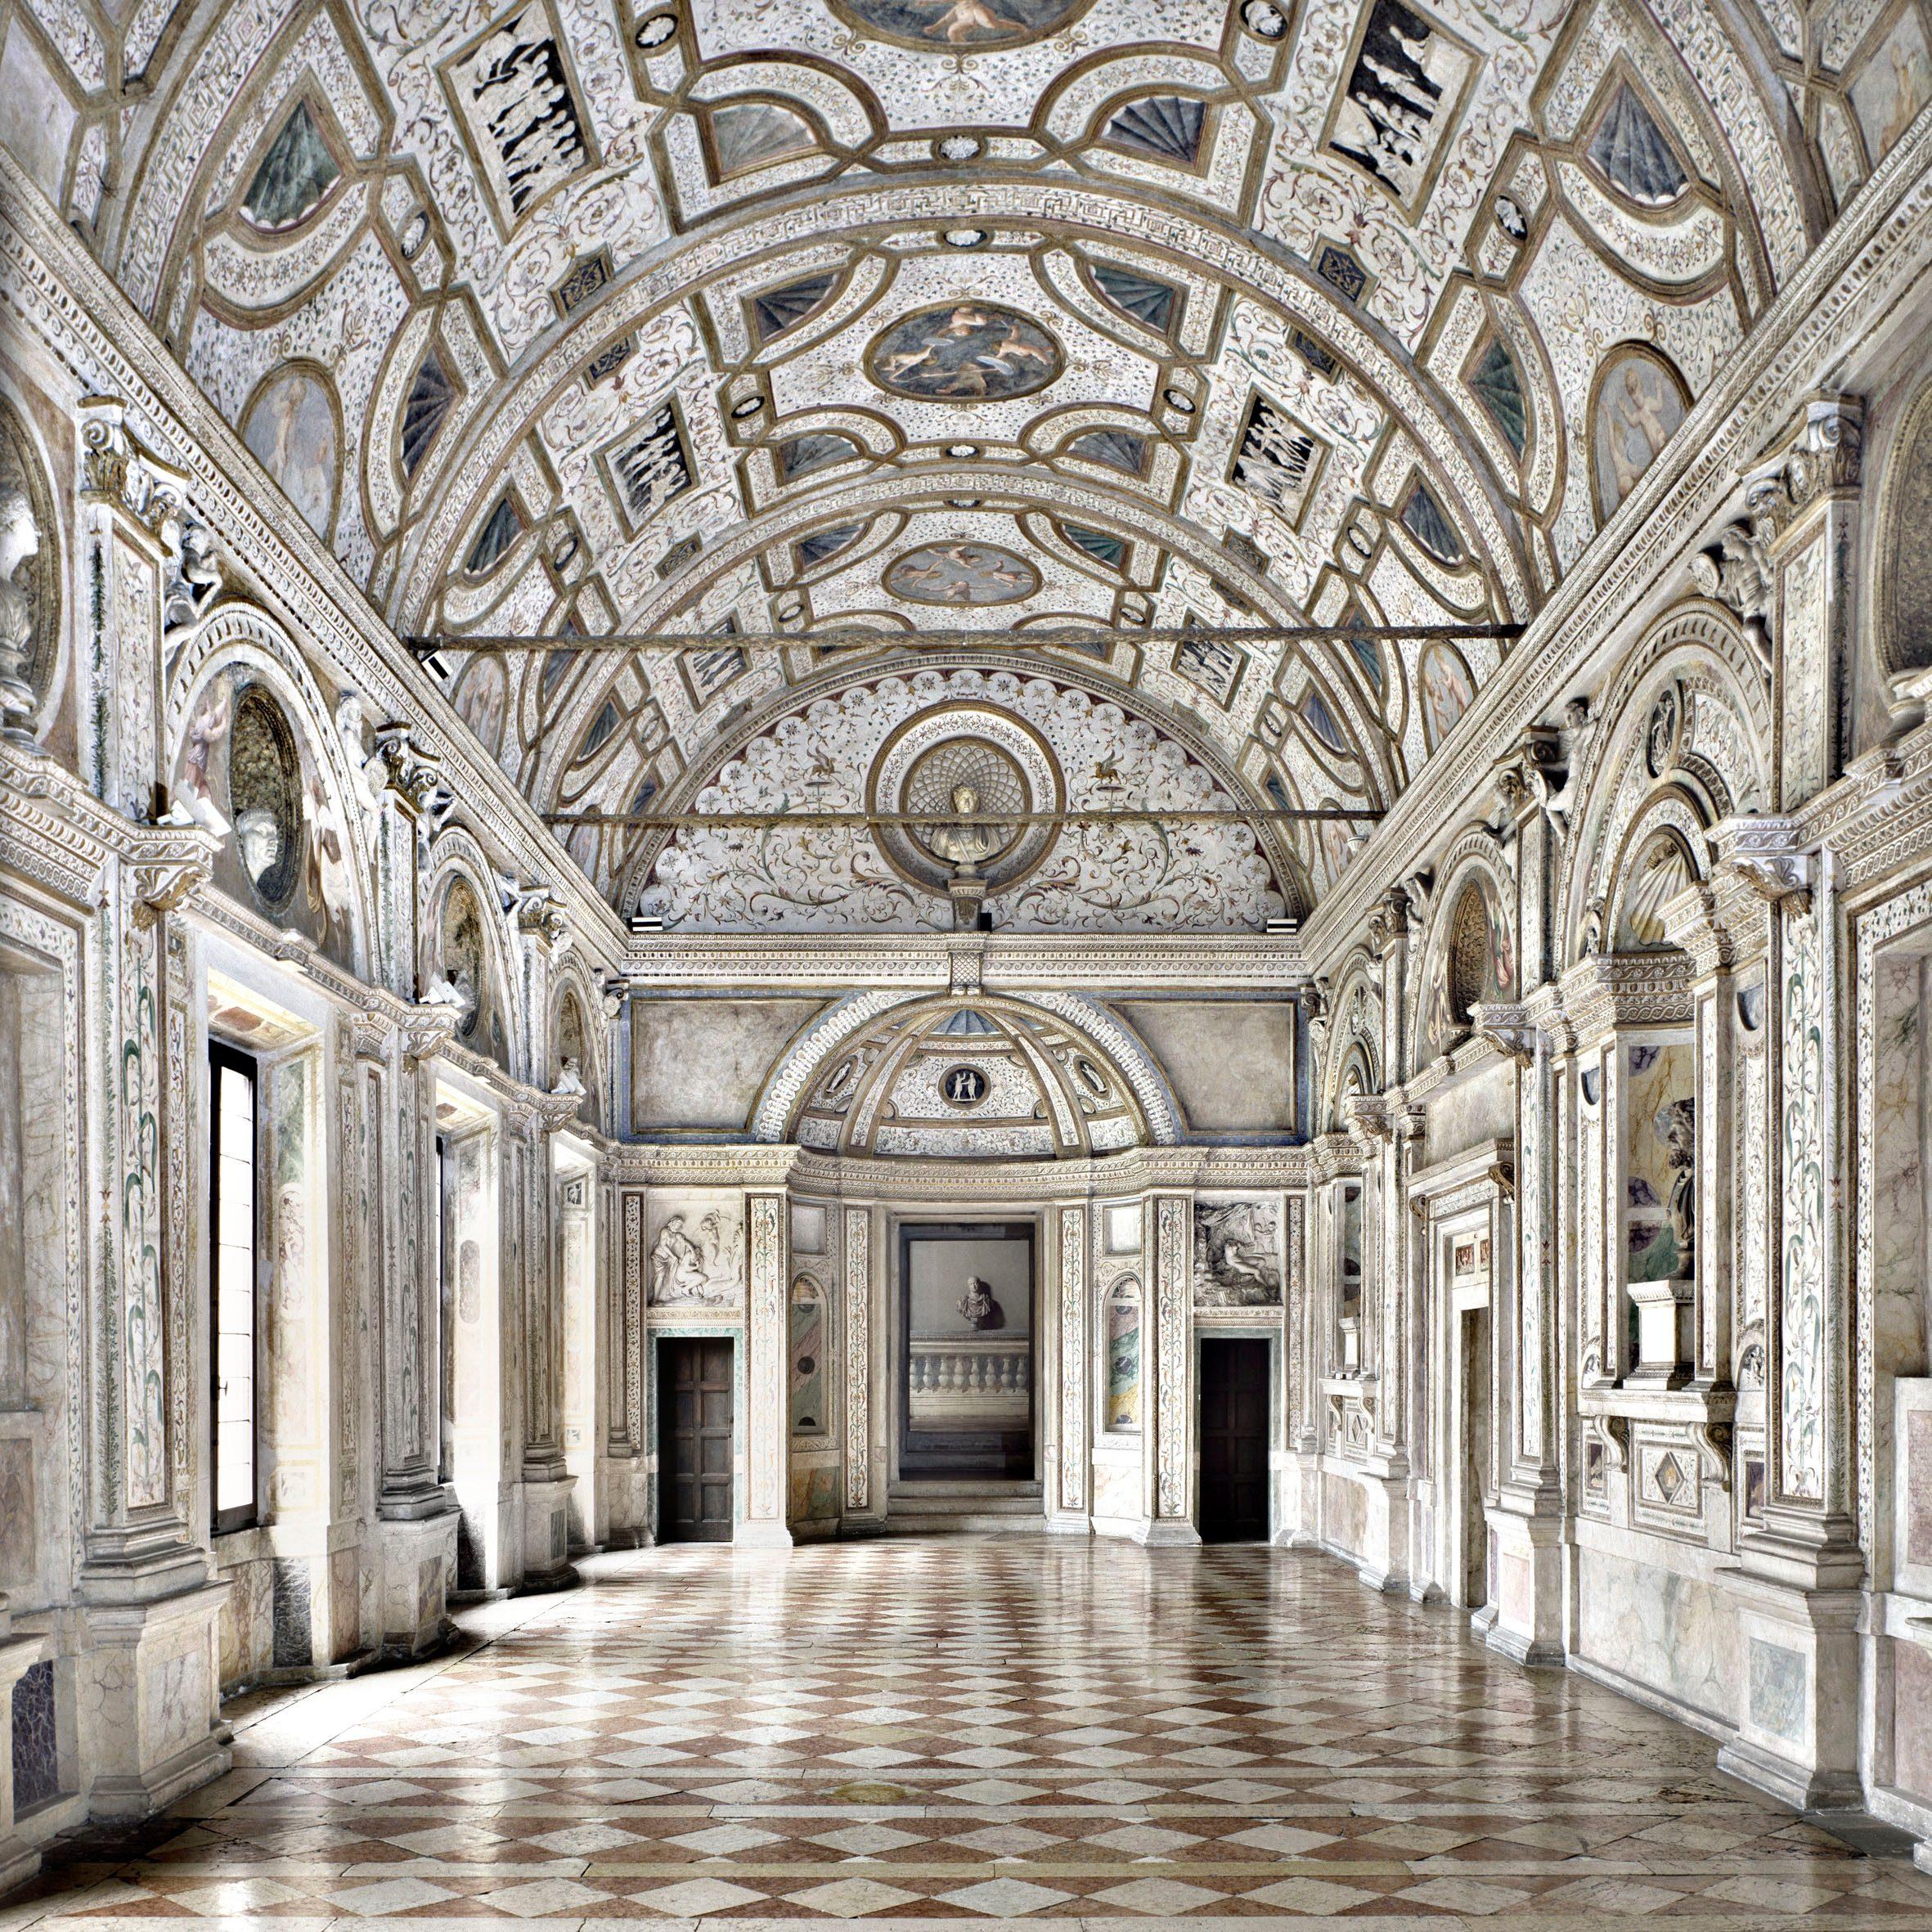 Palazzo Ducale, Galleria dei Marmi, Mantova